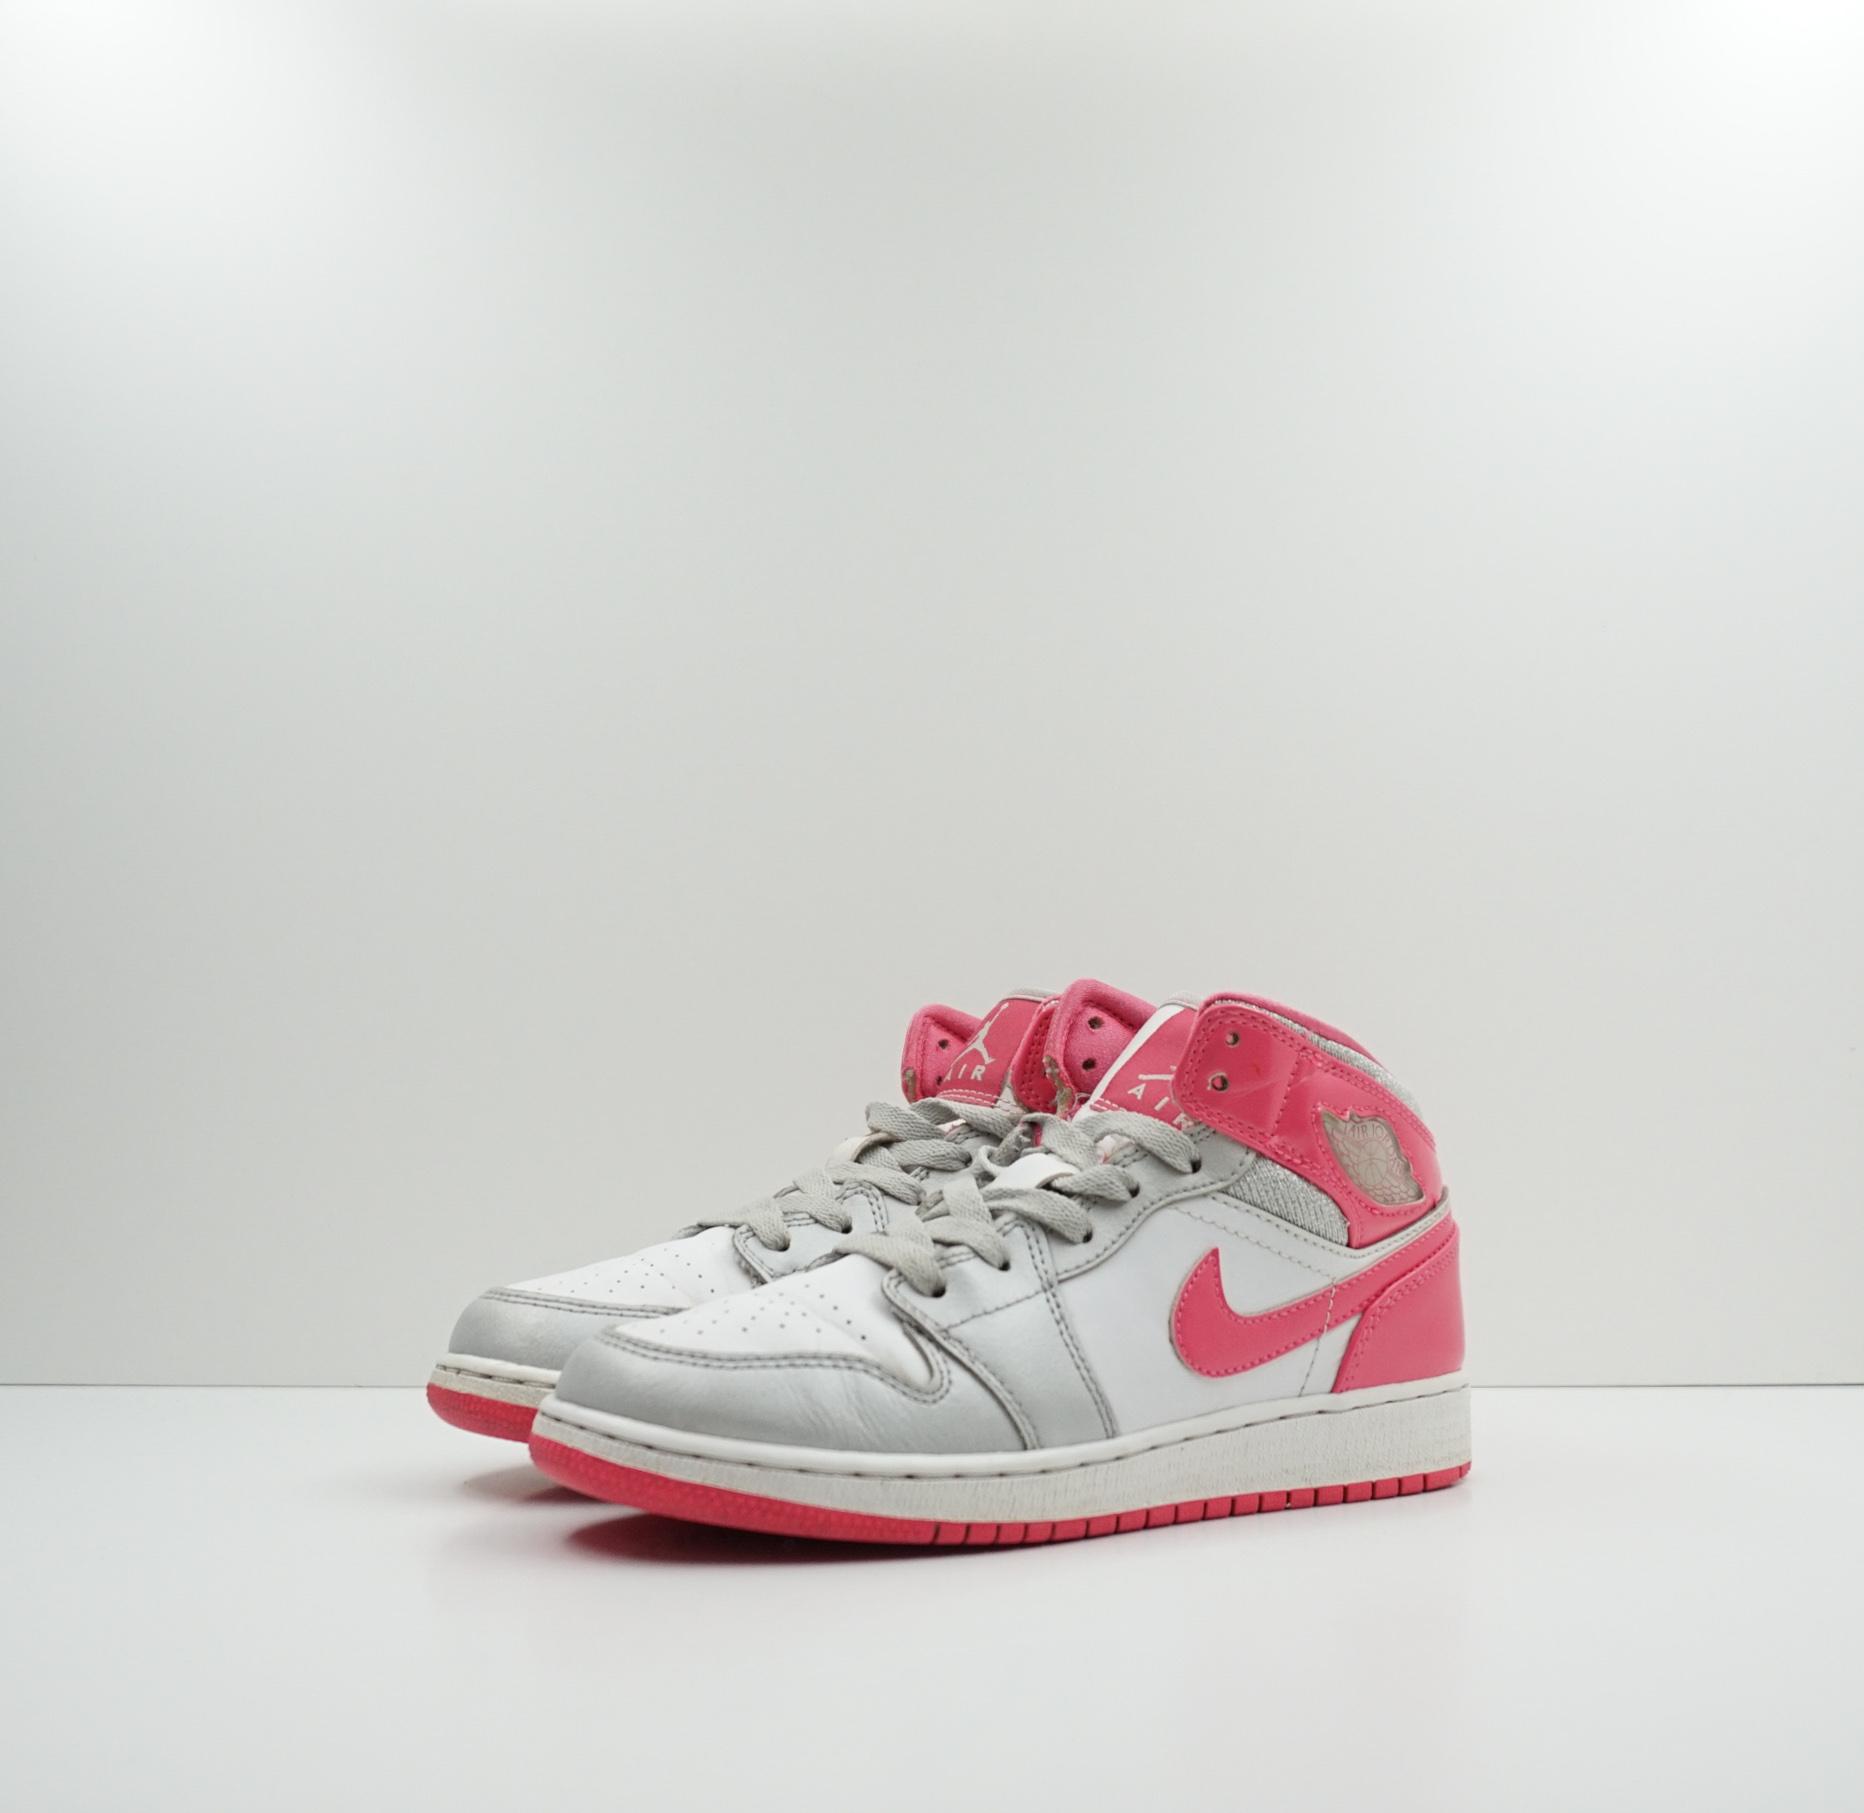 Nike Air Jordan 1 Mid GS Platinum Pink